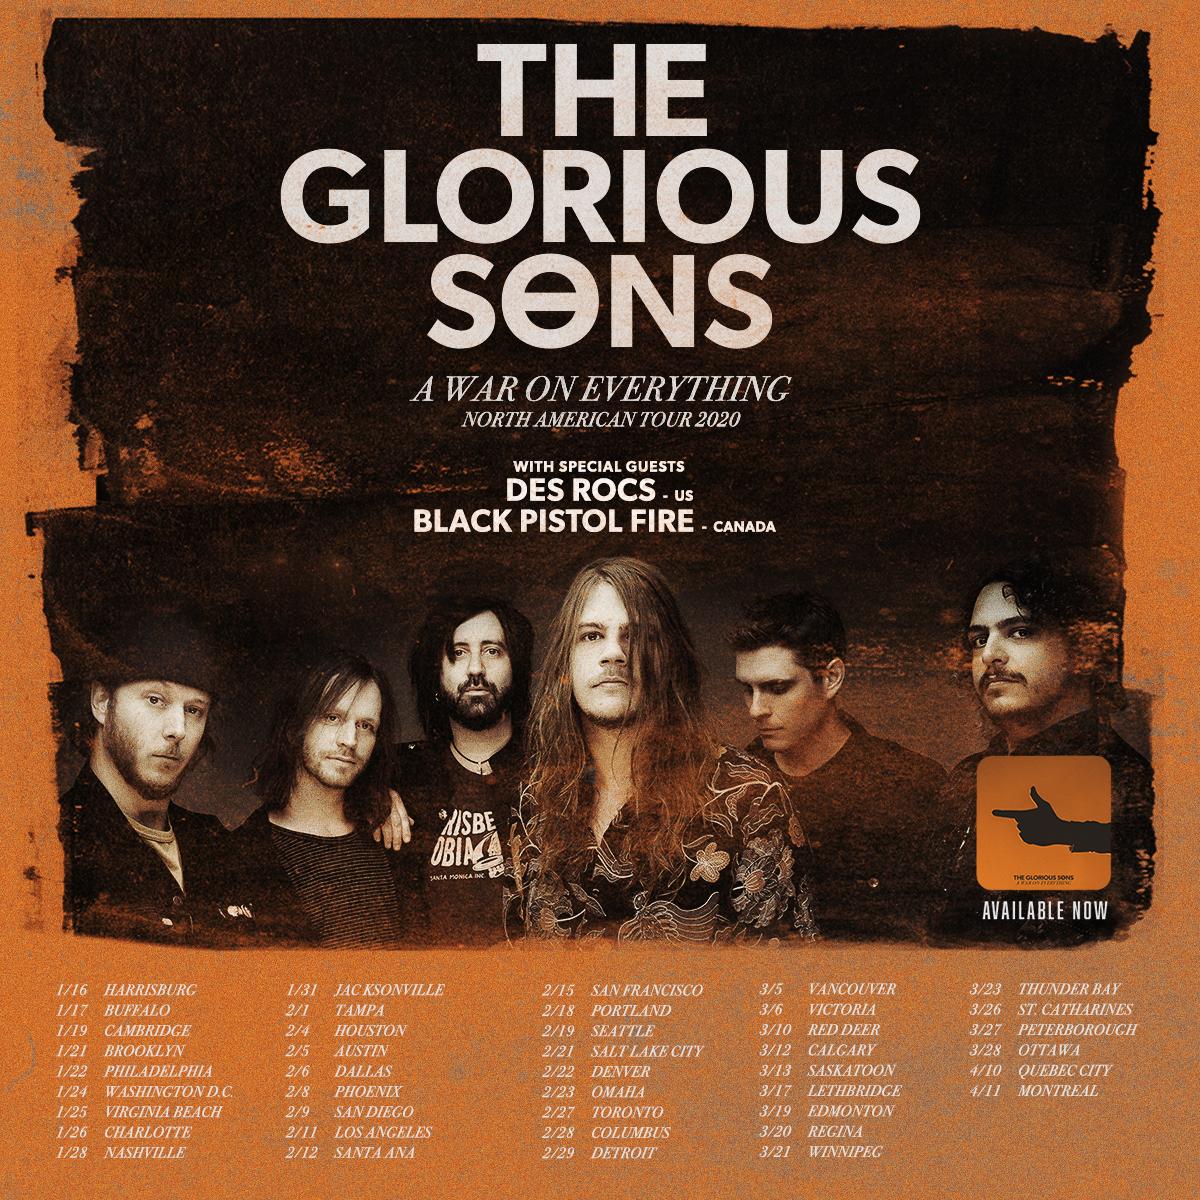 TheGloriousSons-1200x1200-alldates.jpg